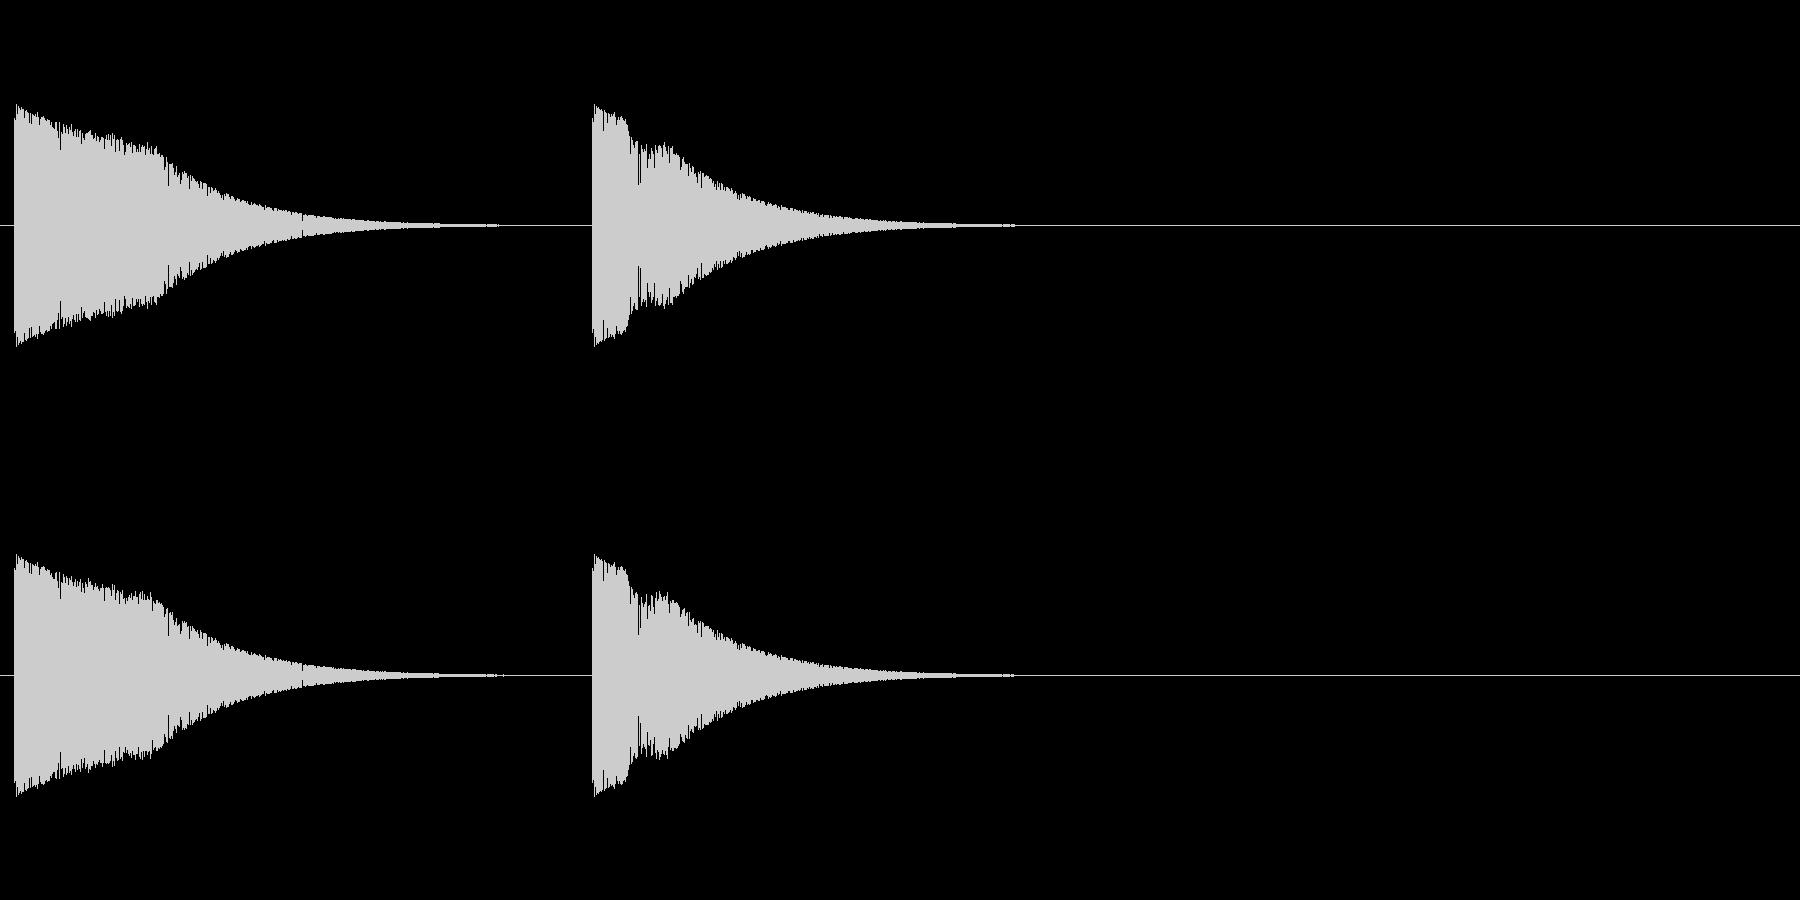 シューティング ショット音 プシュンの未再生の波形